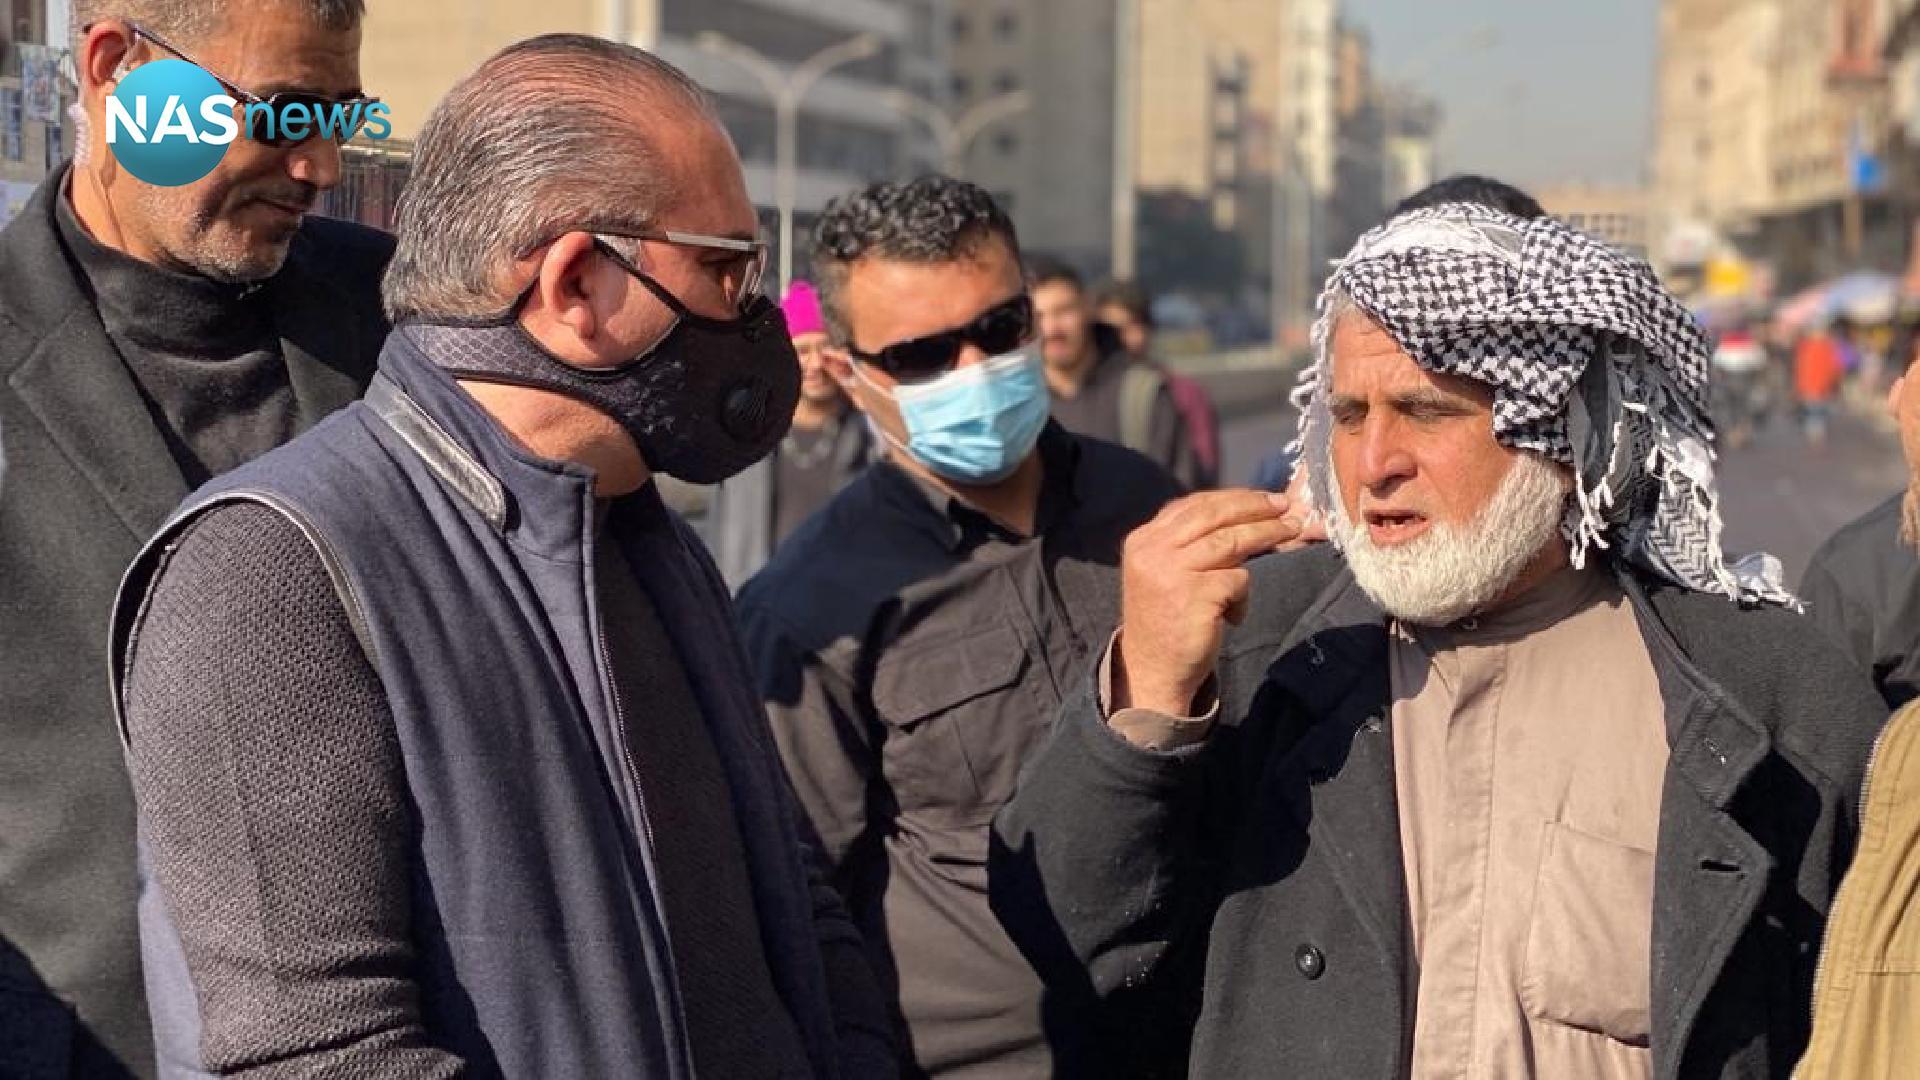 مصدر: شائعة استقالة أمين بغداد 'ملفقة'.. أطلقتها جهات متضررة من حملة الاكساء الكبرى